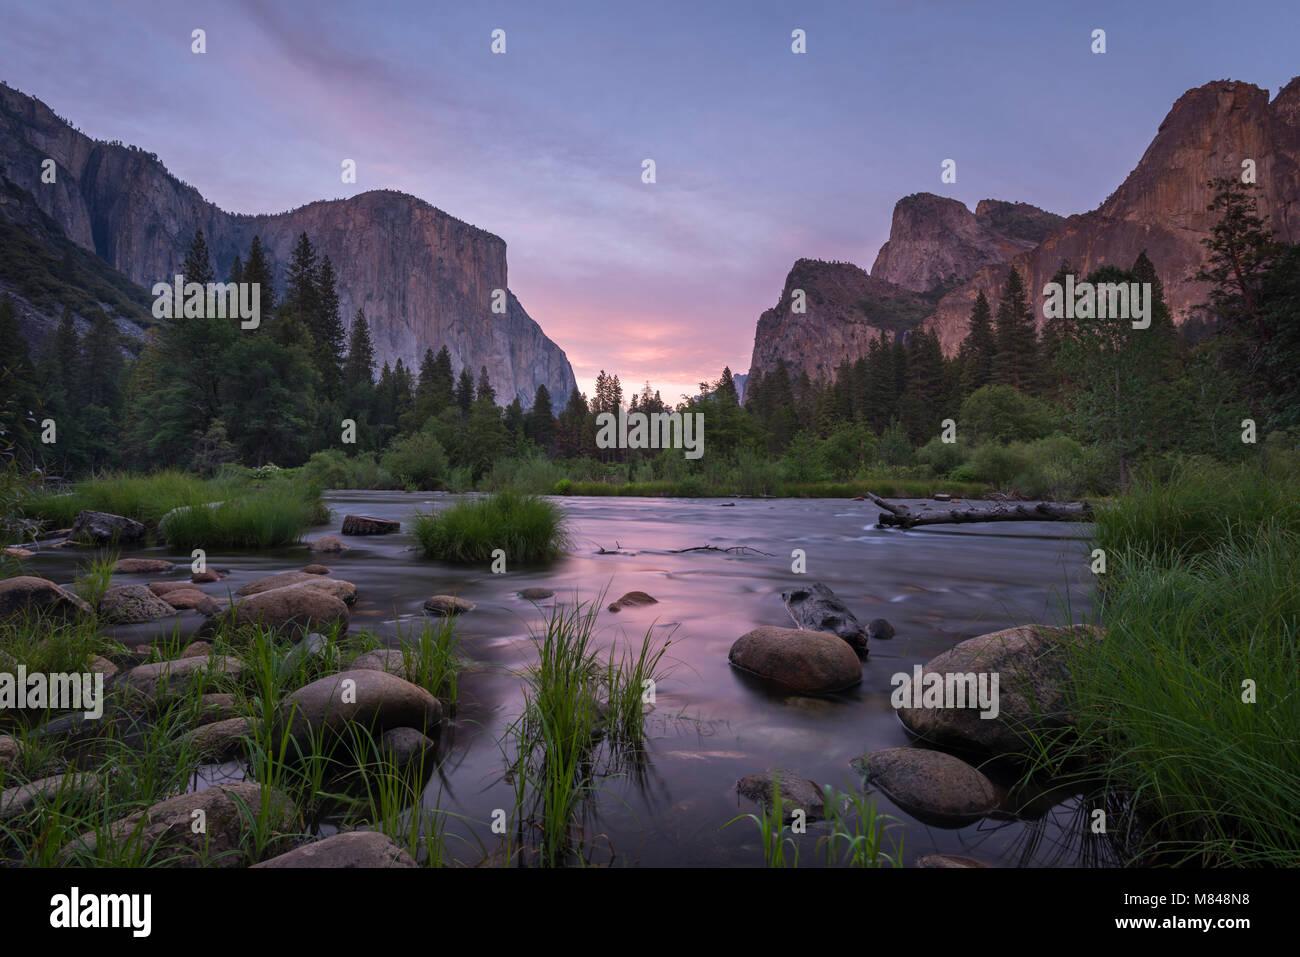 Vallée de Yosemite et la rivière Merced au crépuscule, Yosemite National Park, California, USA. Printemps Photo Stock